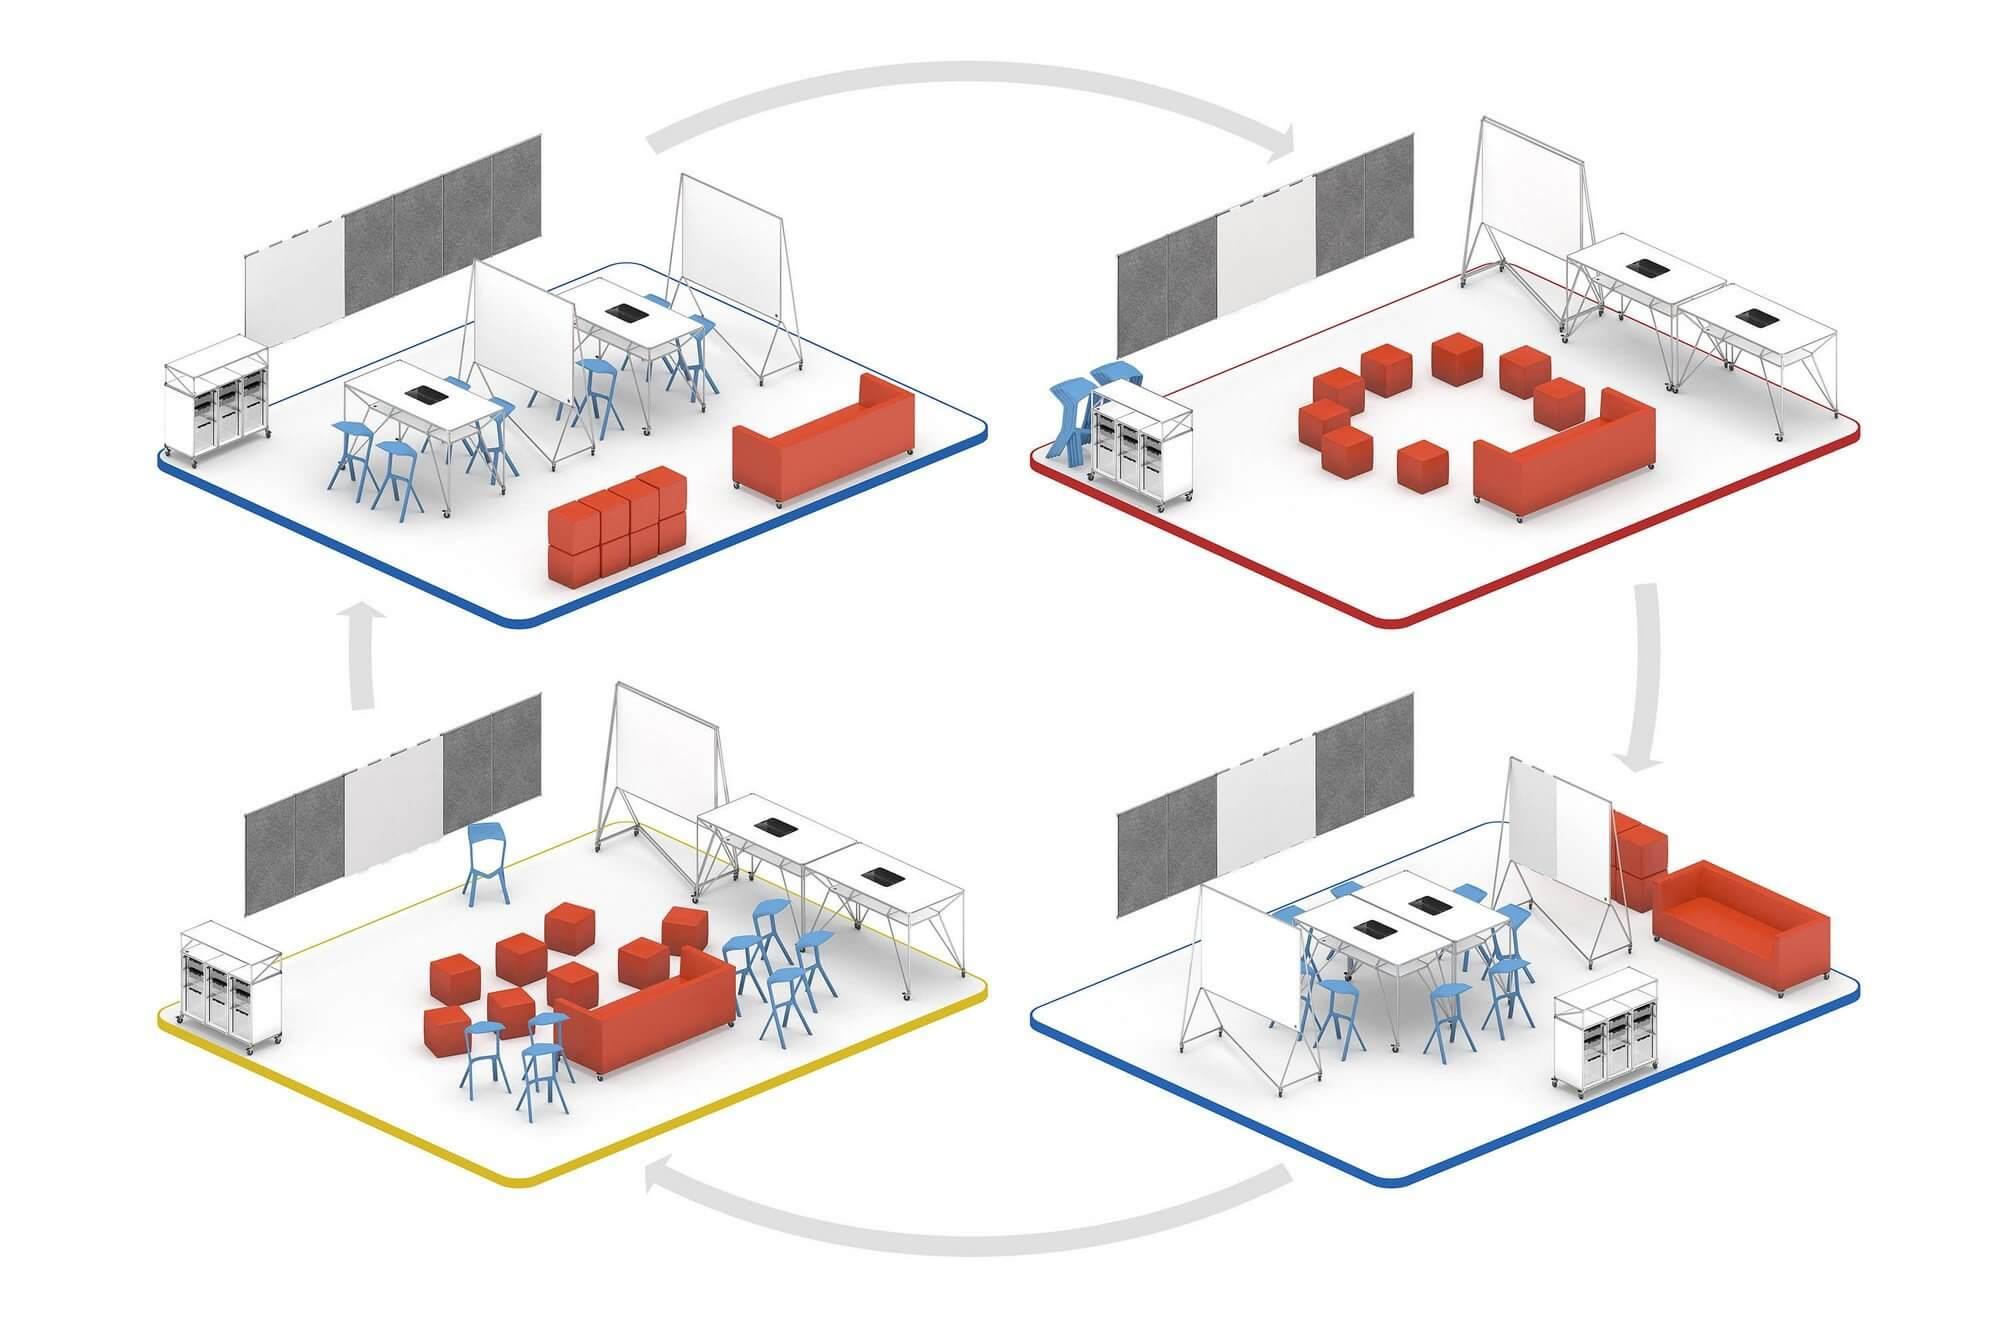 Mobilier professionnel et méthode de travail innovante